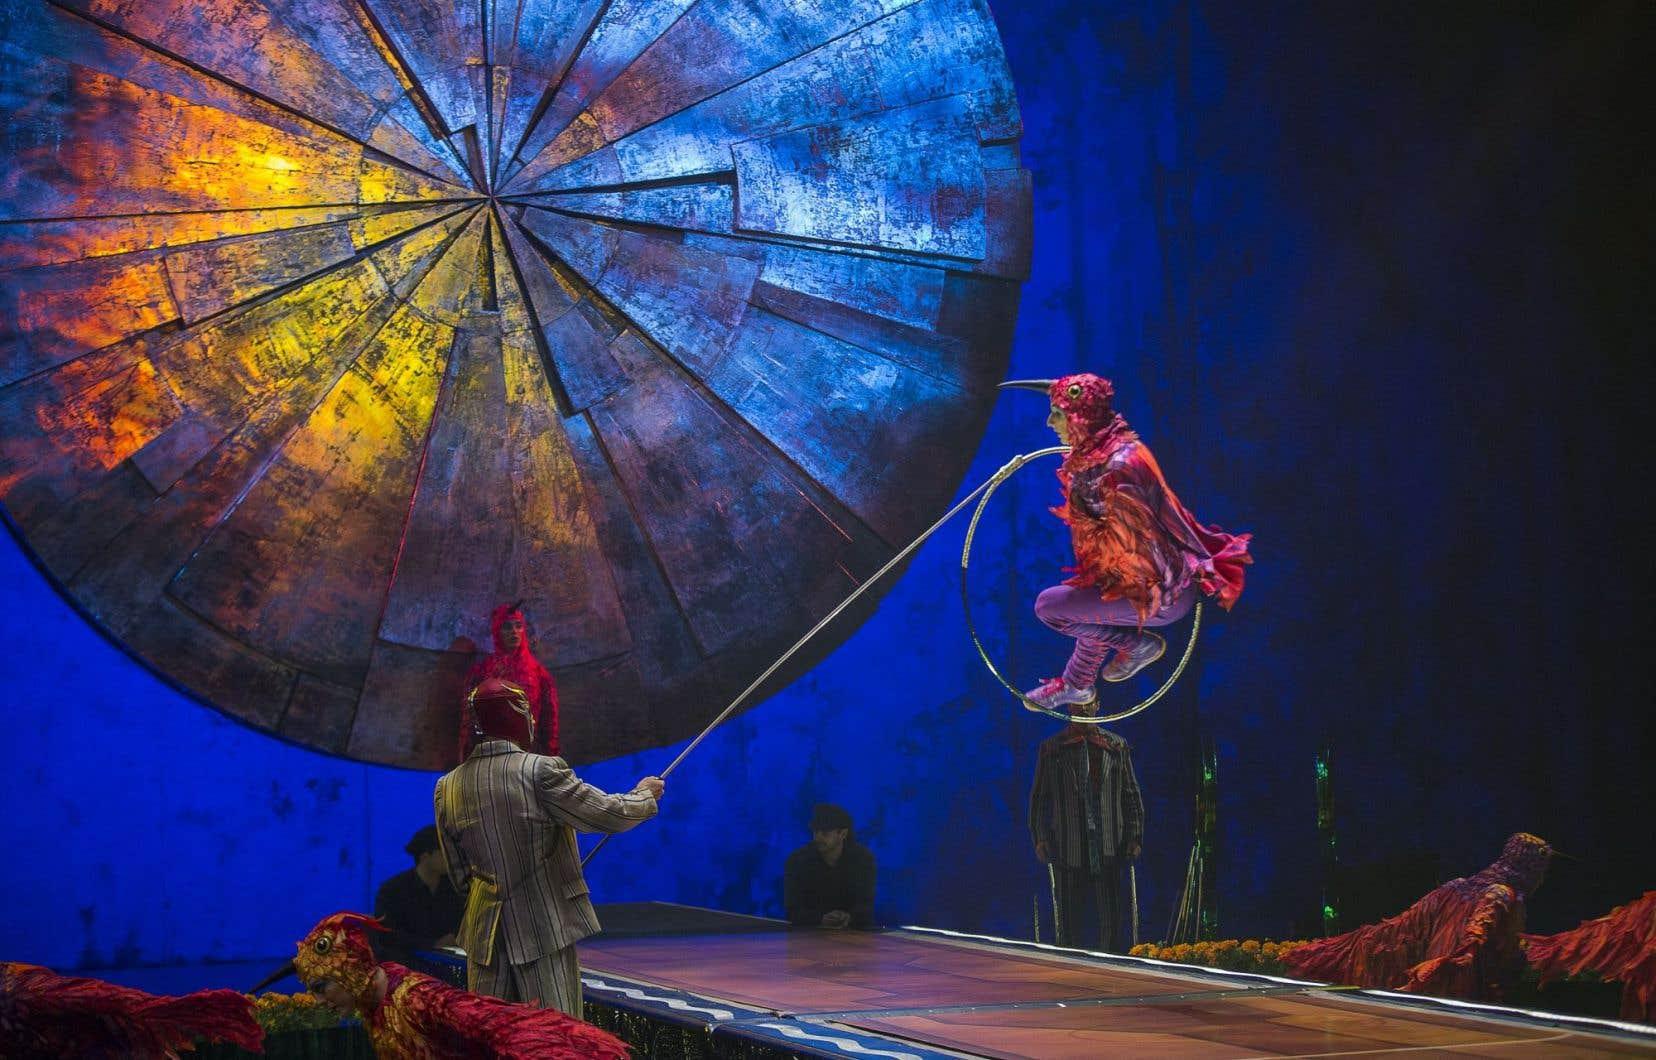 Les fabuleux costumes conçus par Giovanna Buzzi évoquent subtilement l'univers mythologique mexicain.